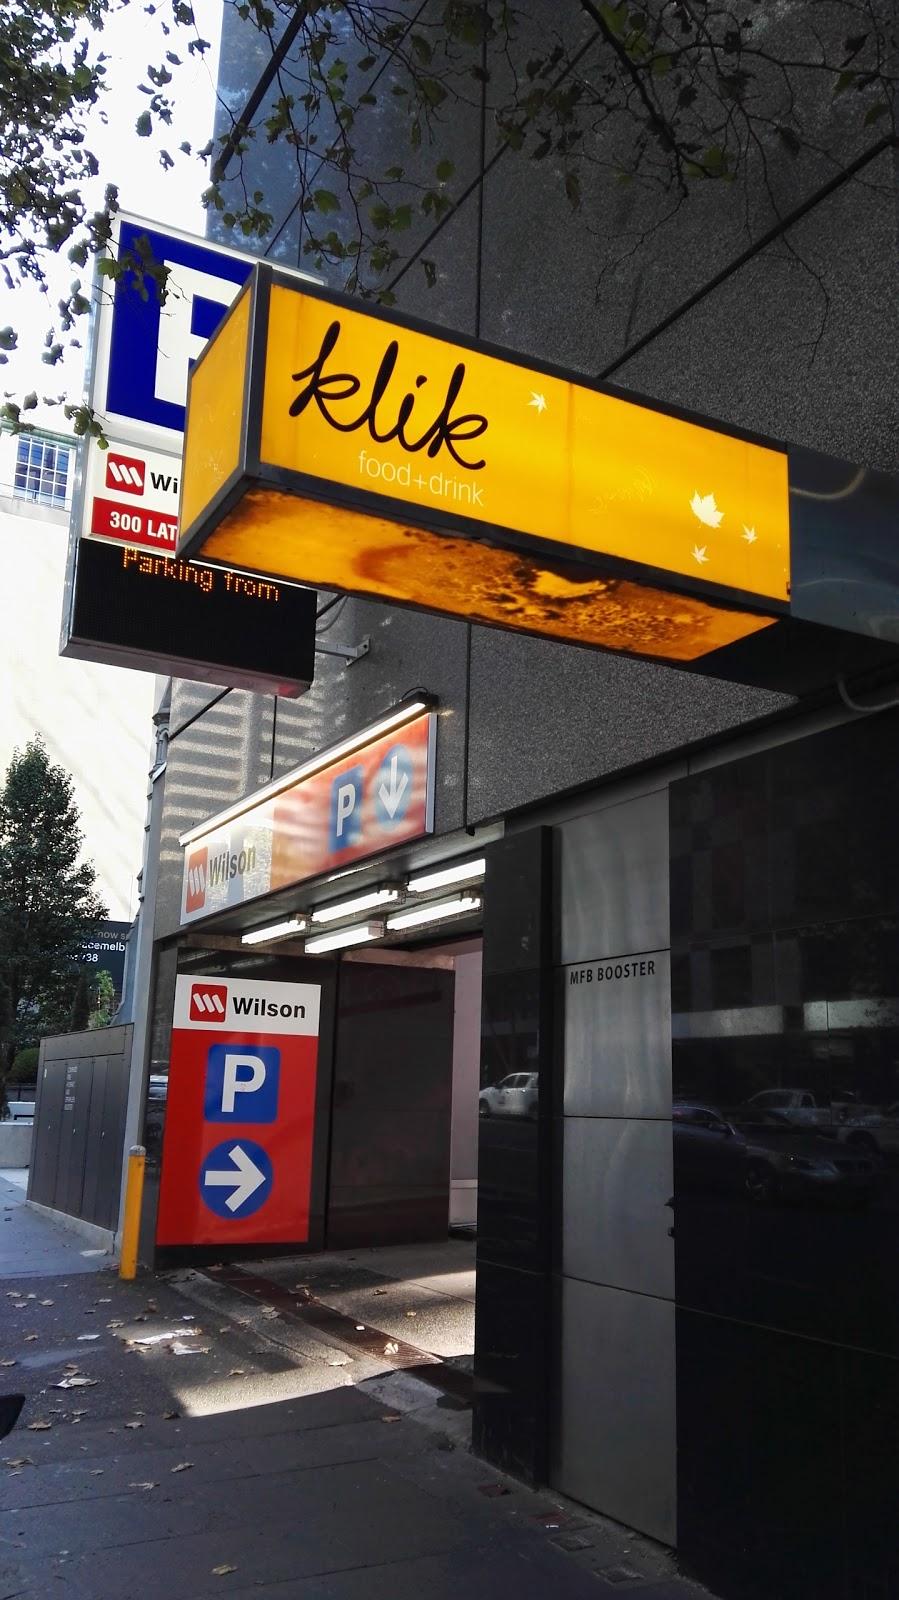 Klik Food And Drink | cafe | 300 La Trobe St, Melbourne VIC 3000, Australia | 0396004444 OR +61 3 9600 4444